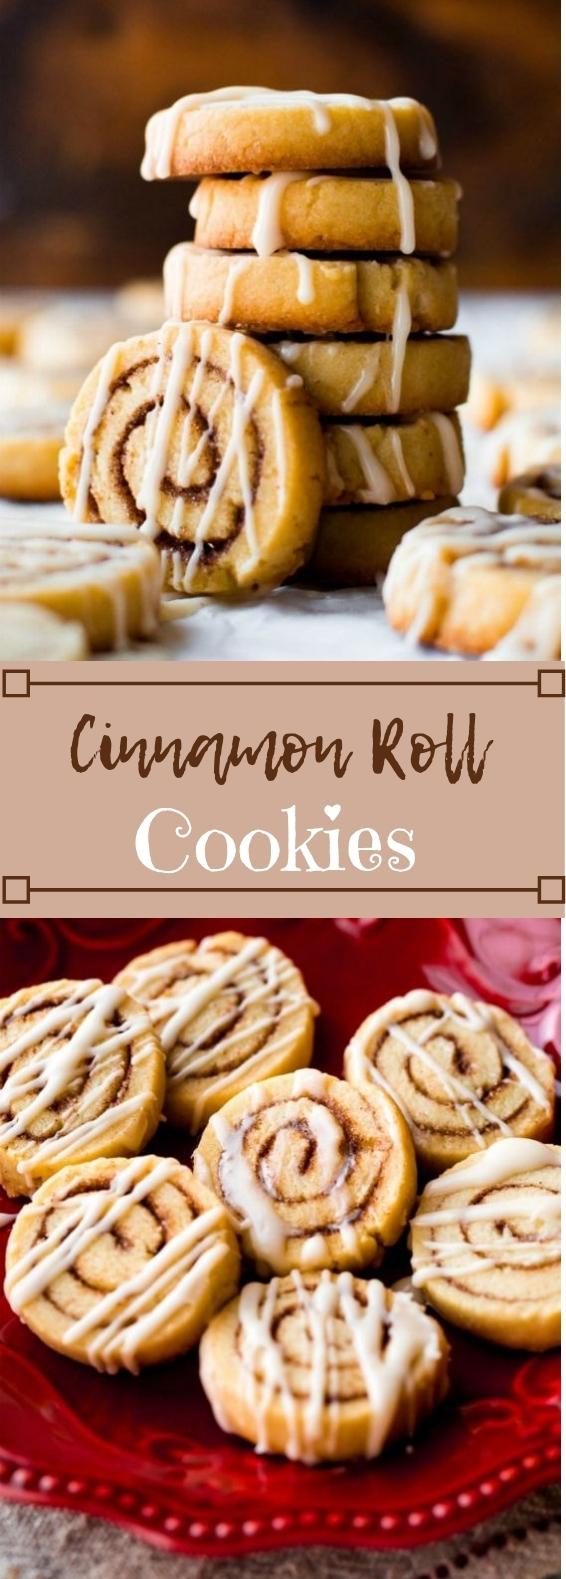 Cinnamon Roll Cookies #dessert #cookies